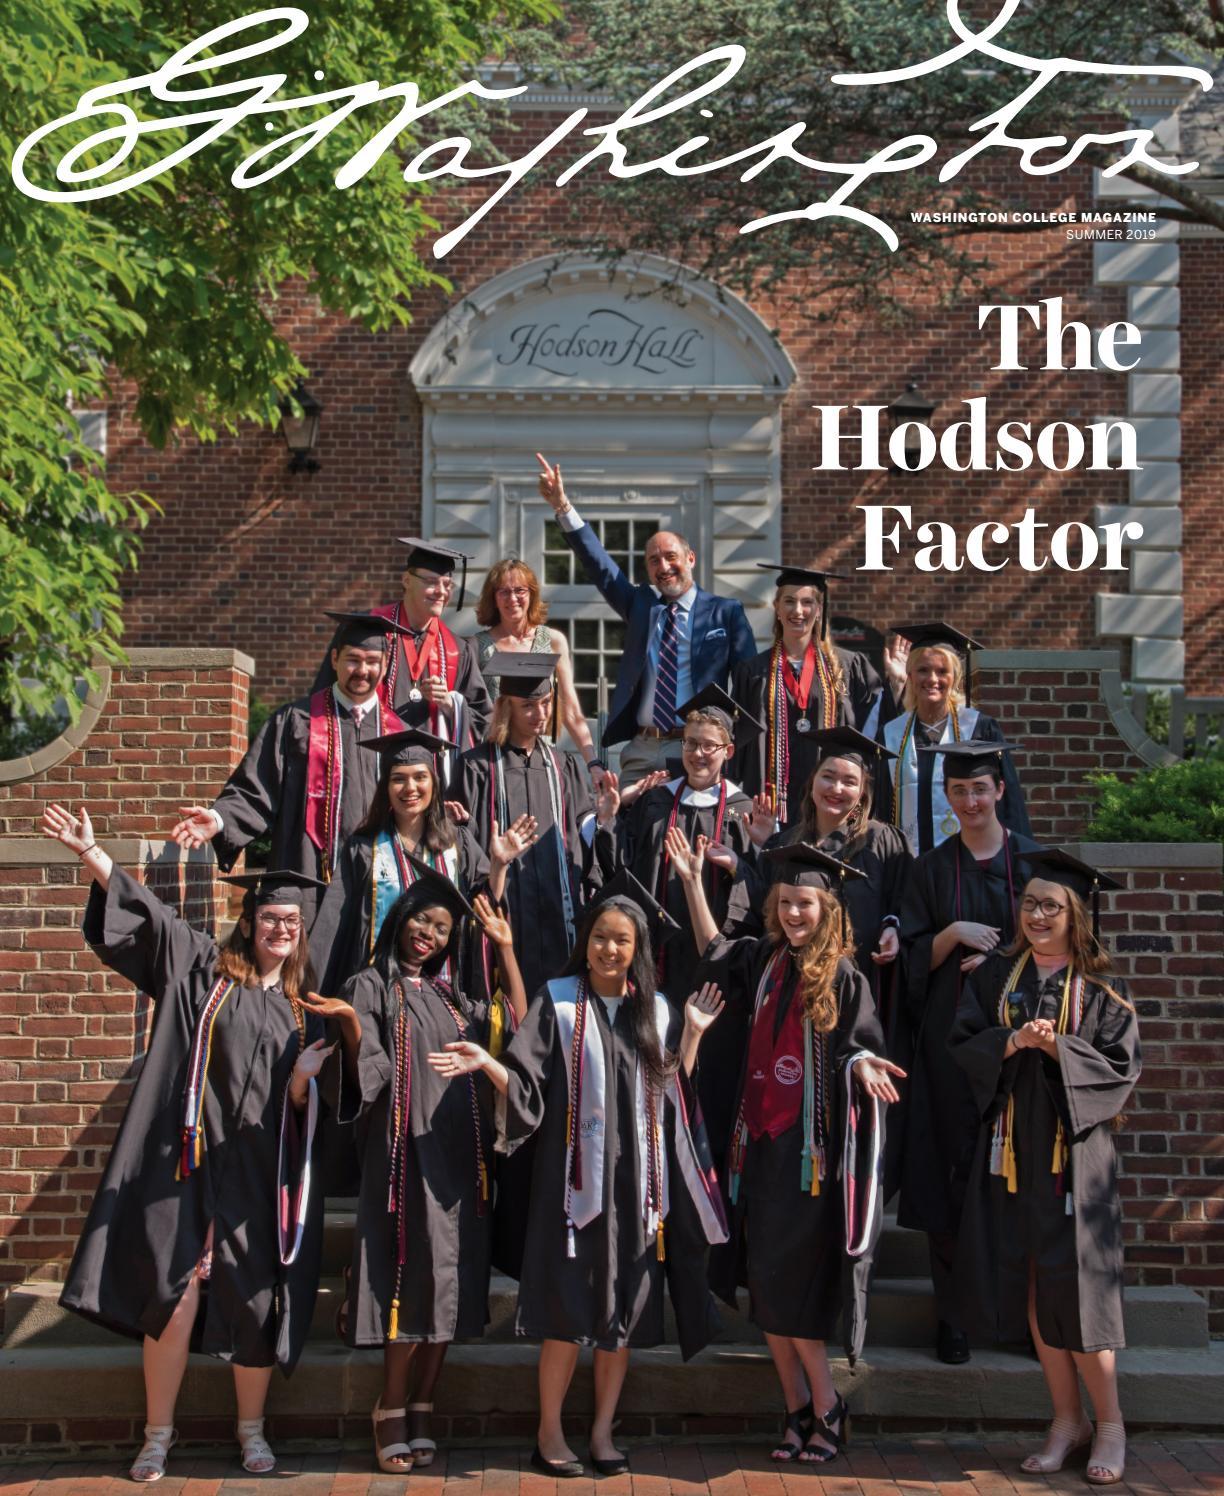 Washington College Magazine Summer 2019 by Washington